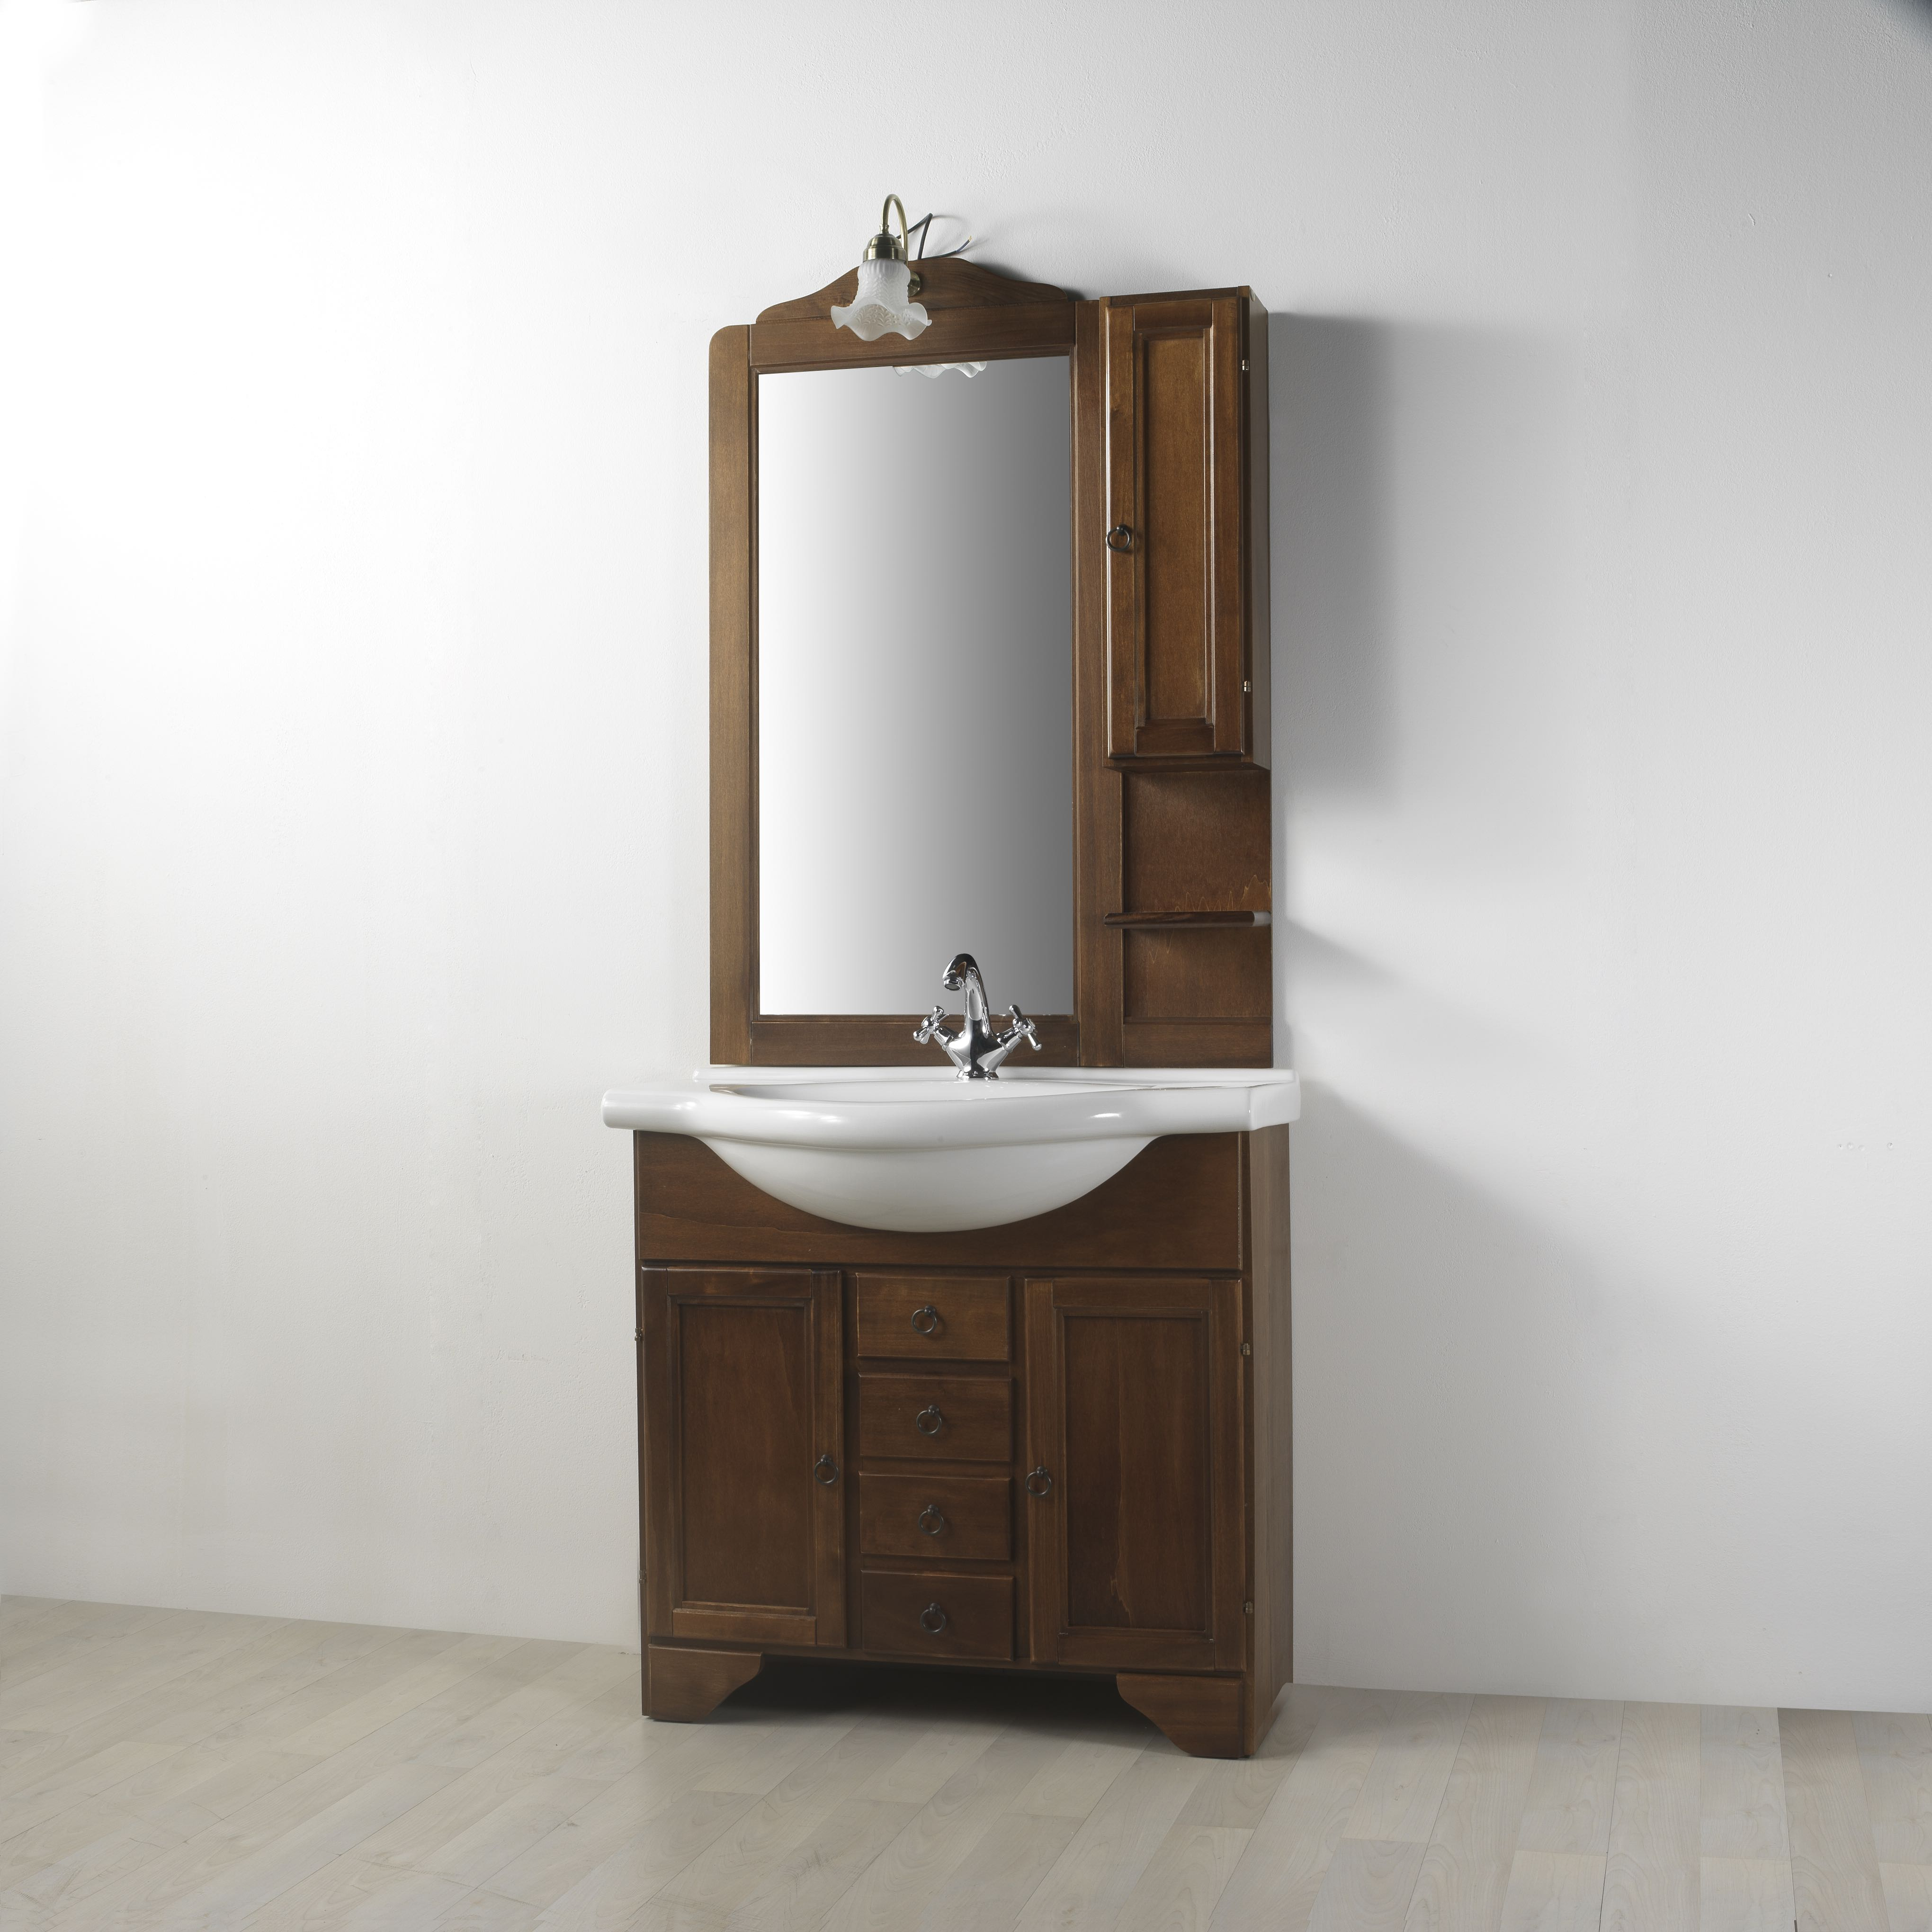 Mobile arredo bagno in arte povera lavanda da 85 cm eur - Arredamento bagno arte povera ...